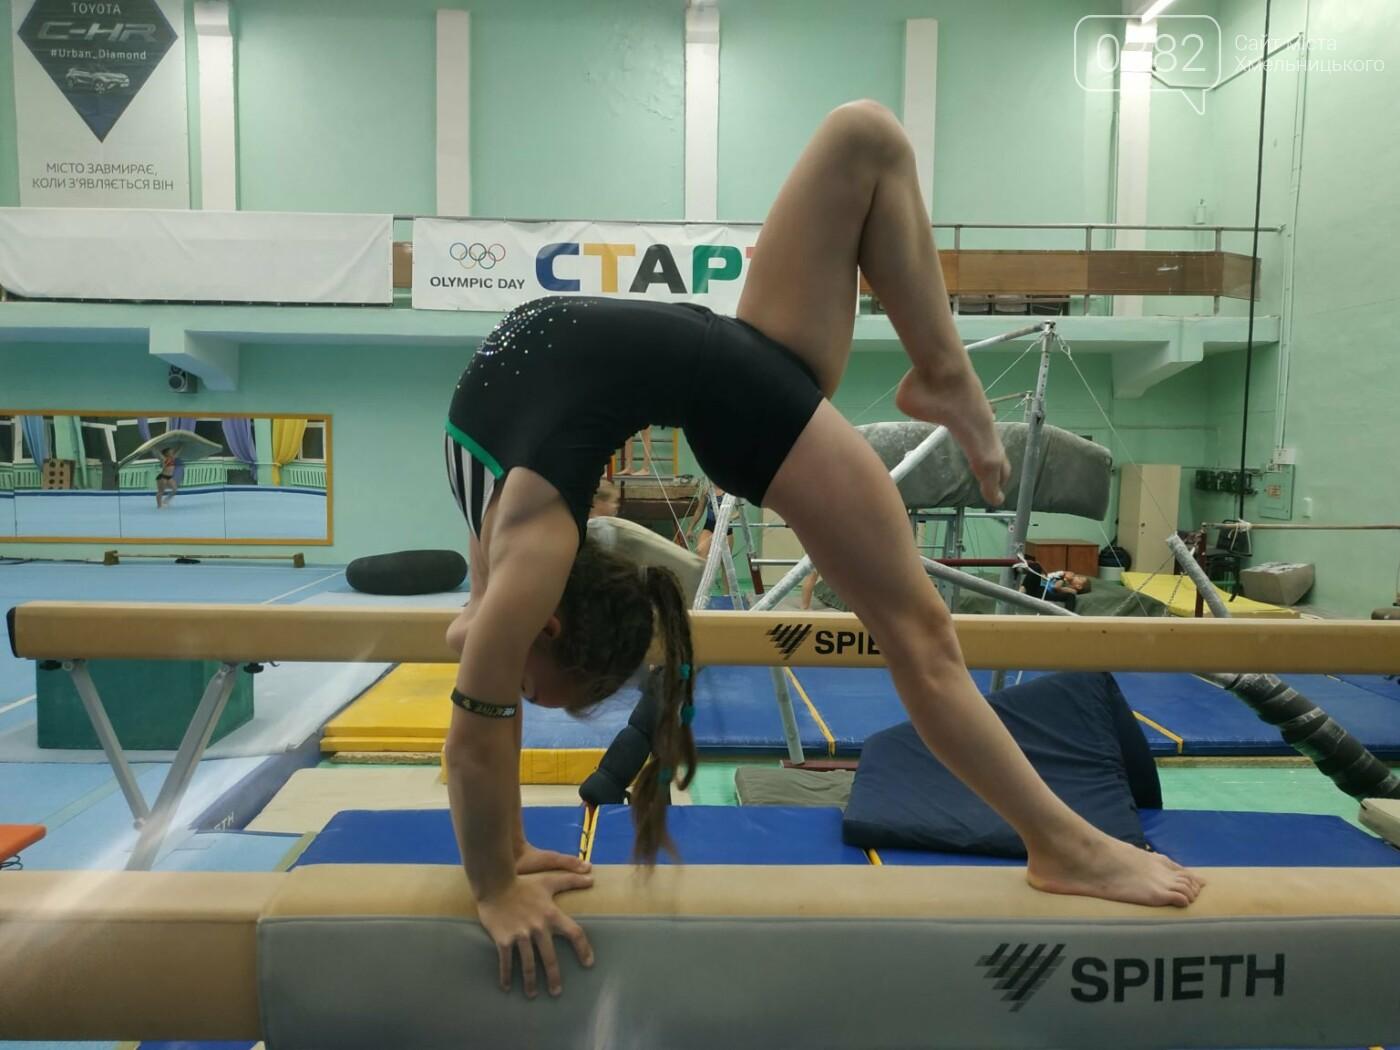 Хмельничанка зійшла на п'єдестал всеукраїнських змагань зі спортивної гімнастики, фото-2